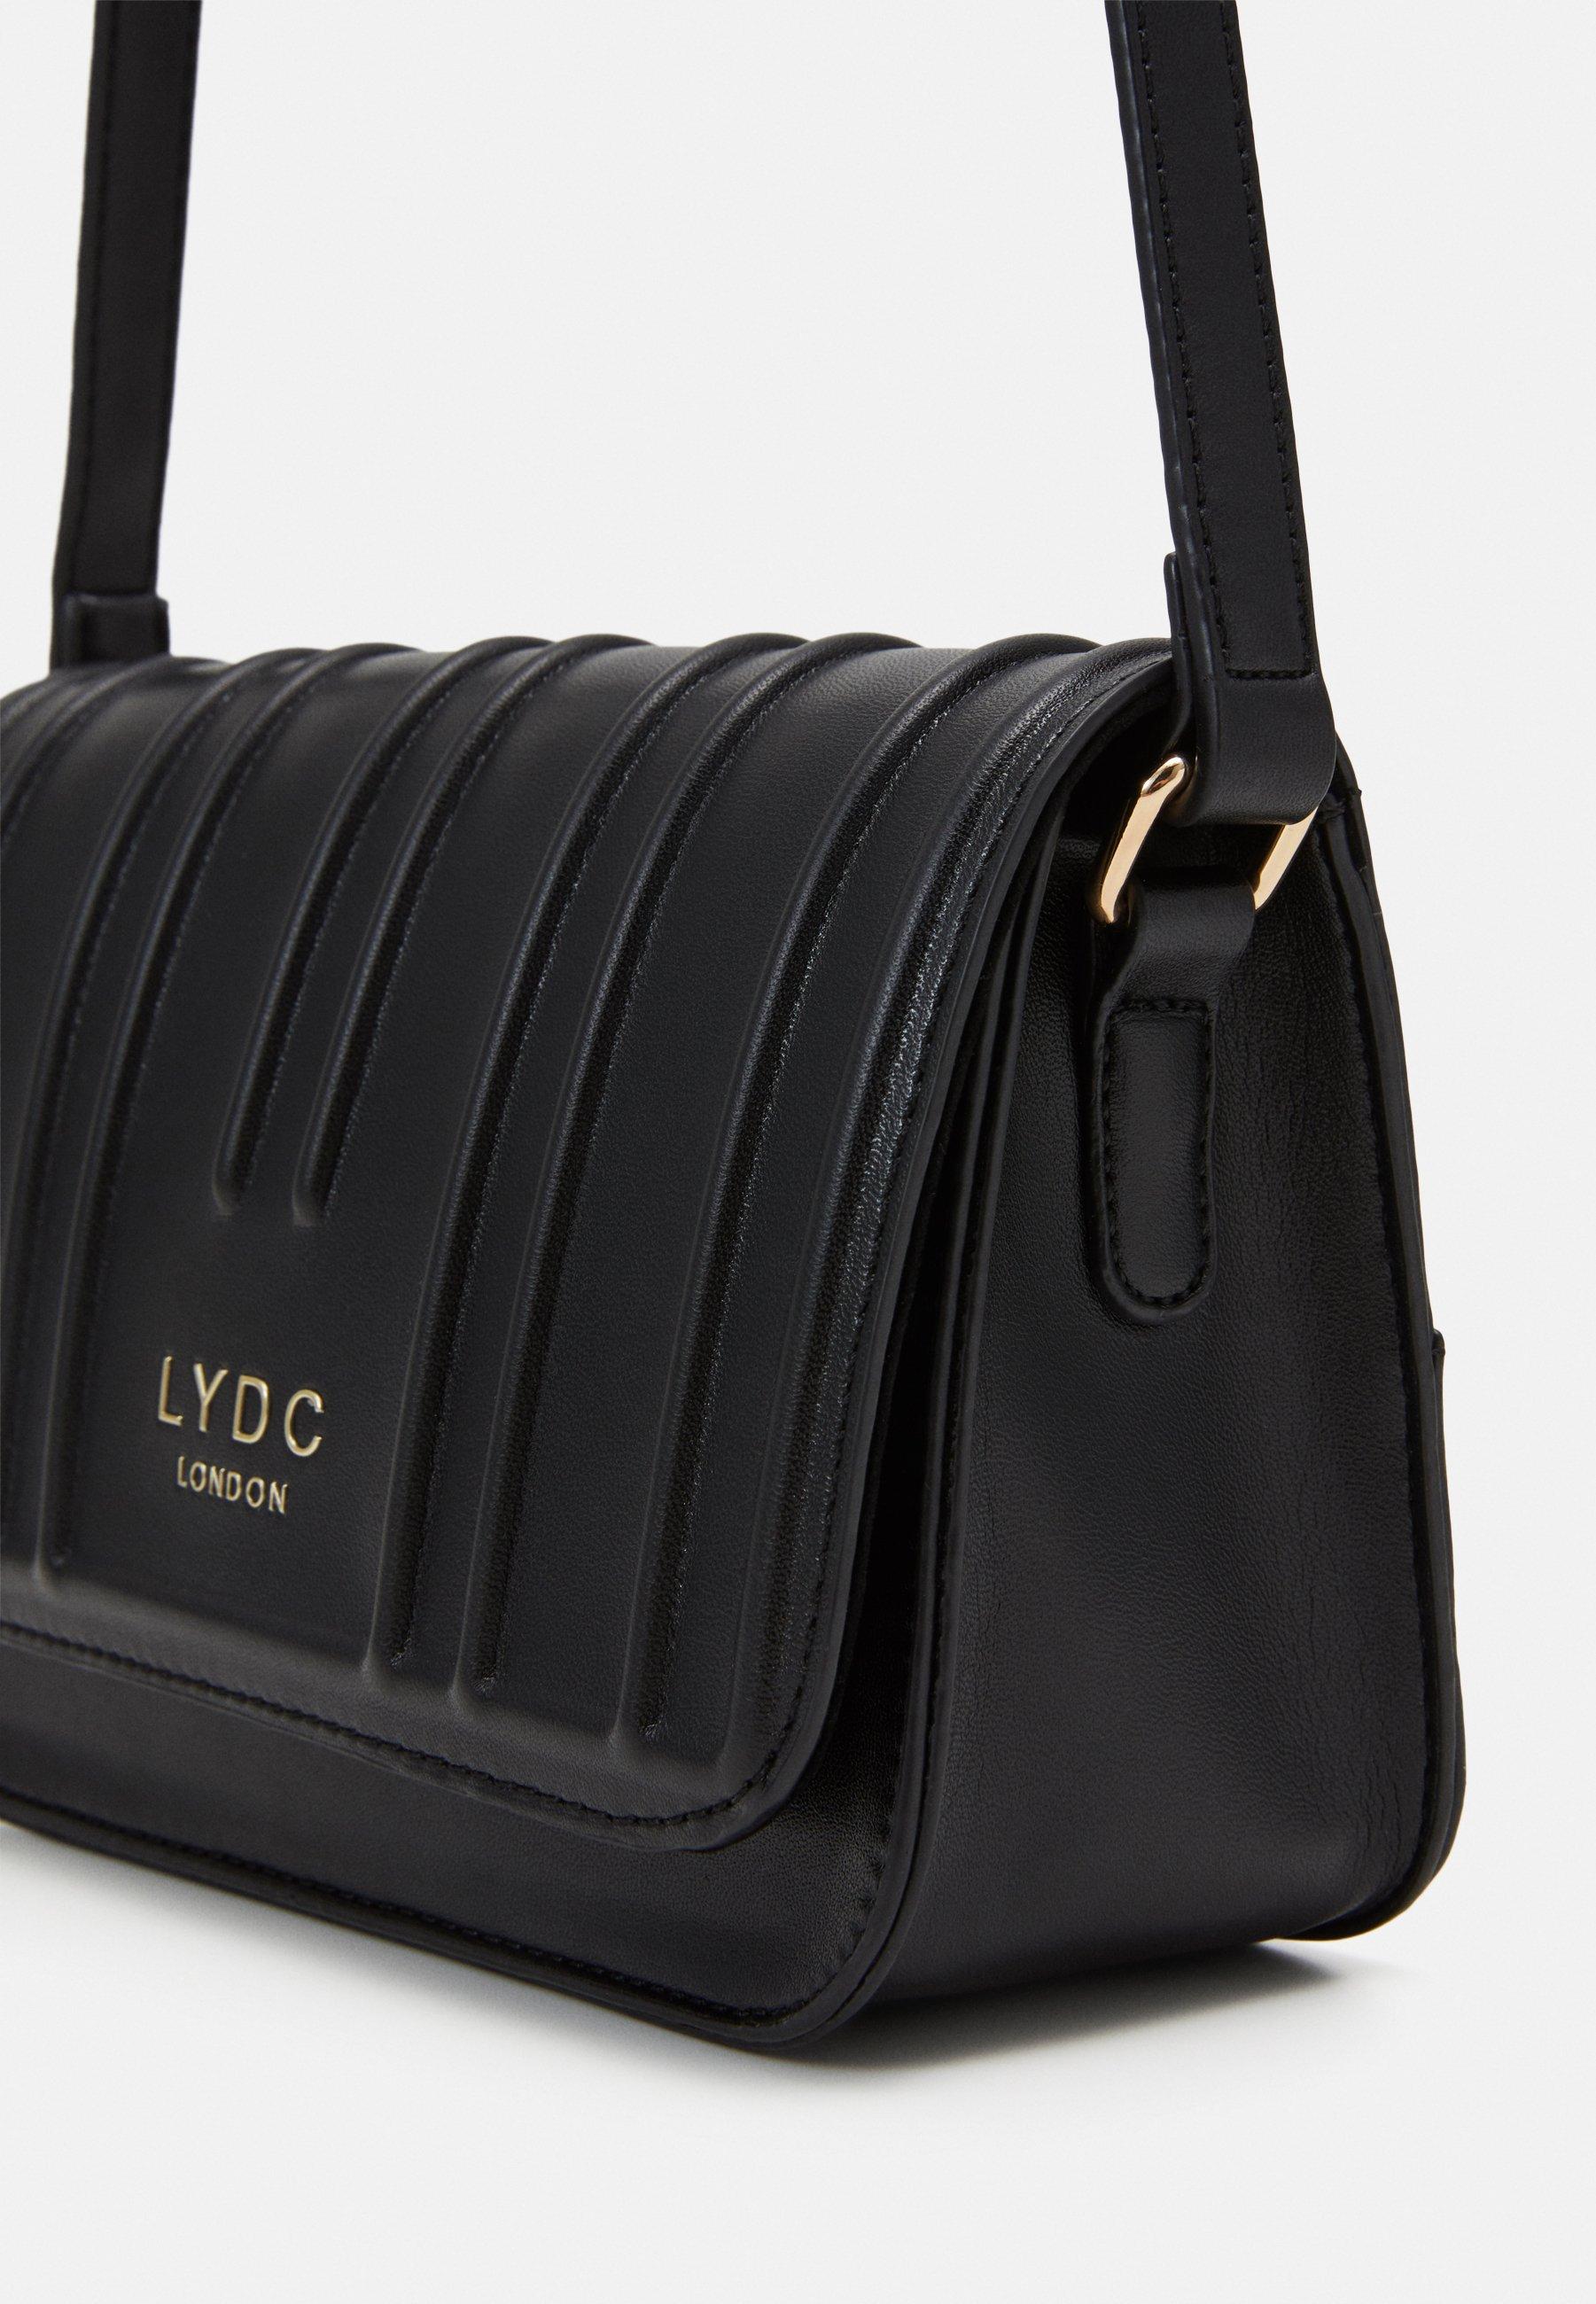 LYDC London Skulderveske - black/svart Jf4NPaCLwPnW7HR